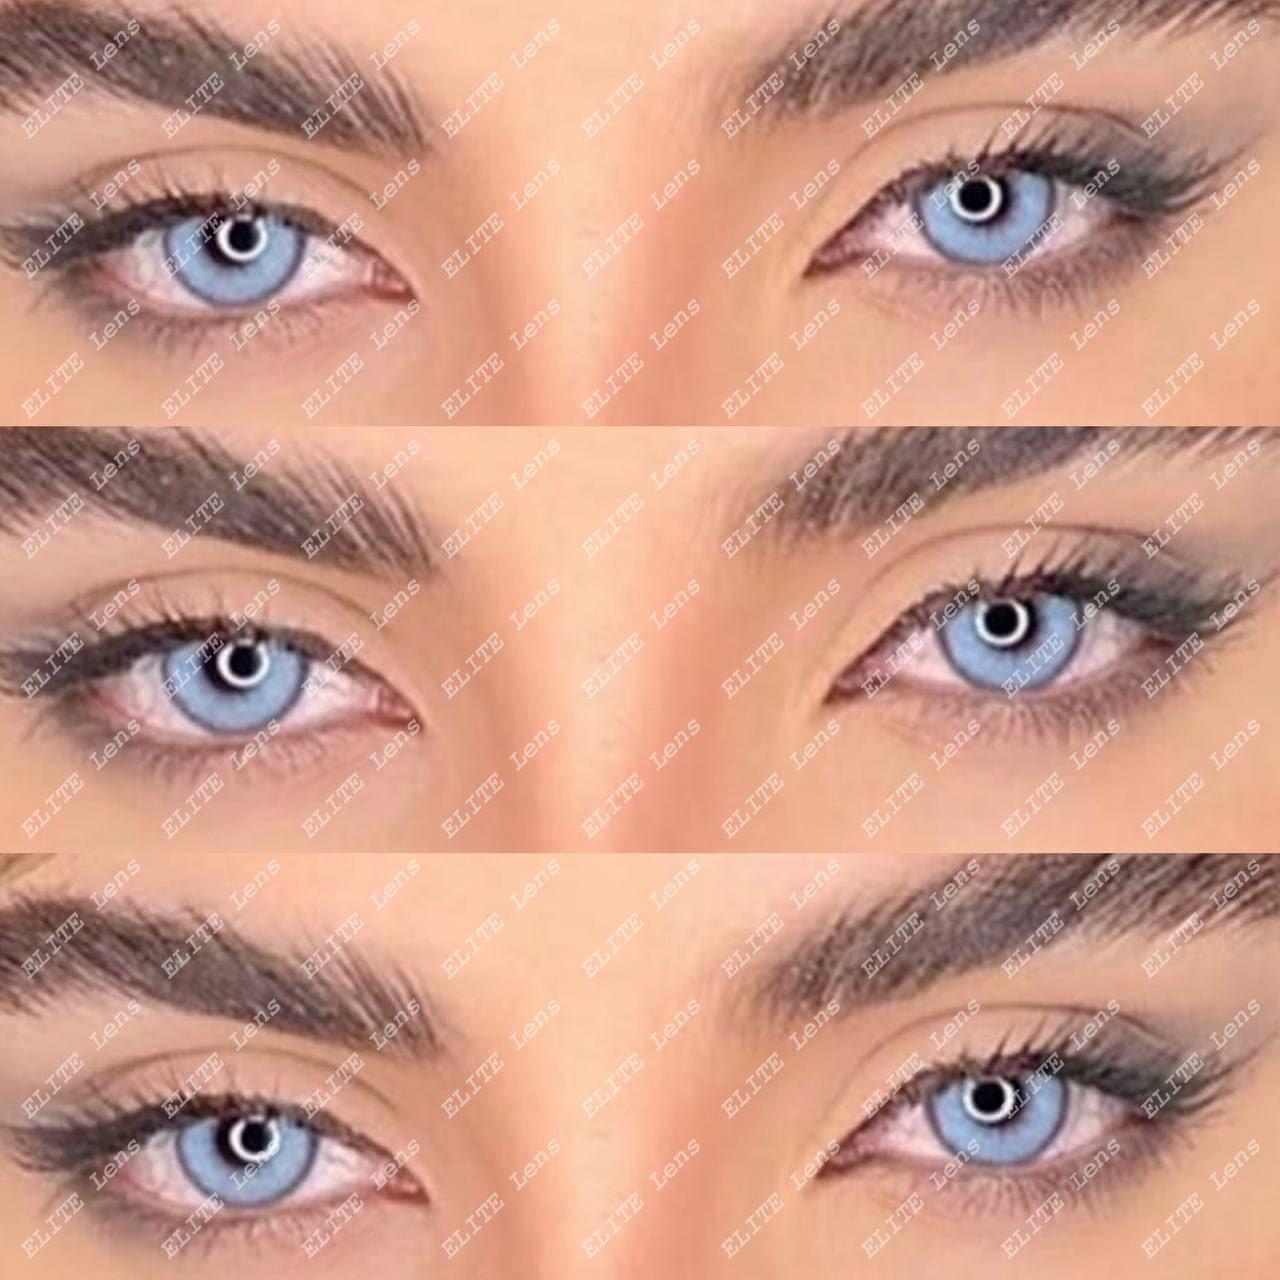 """Карие линзы """"Айс Чоколад"""" на светлых глазах"""